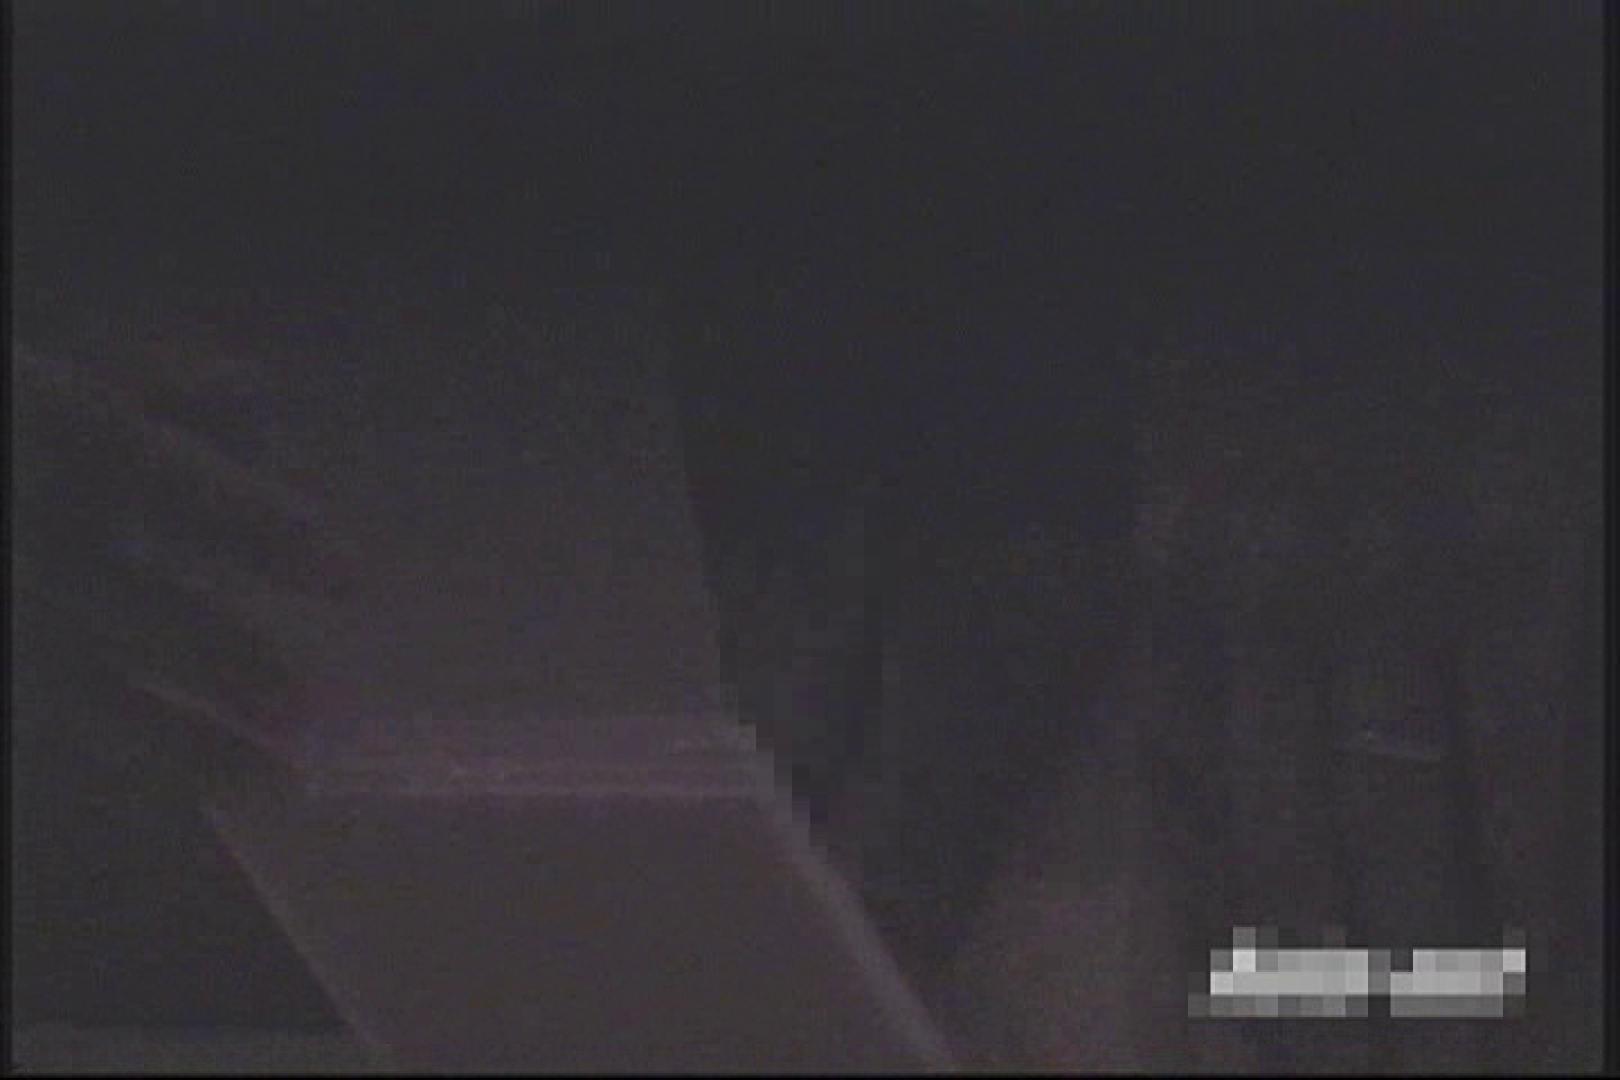 プライベートピーピング 欲求不満な女達Vol.6 プライベート オマンコ無修正動画無料 72連発 66